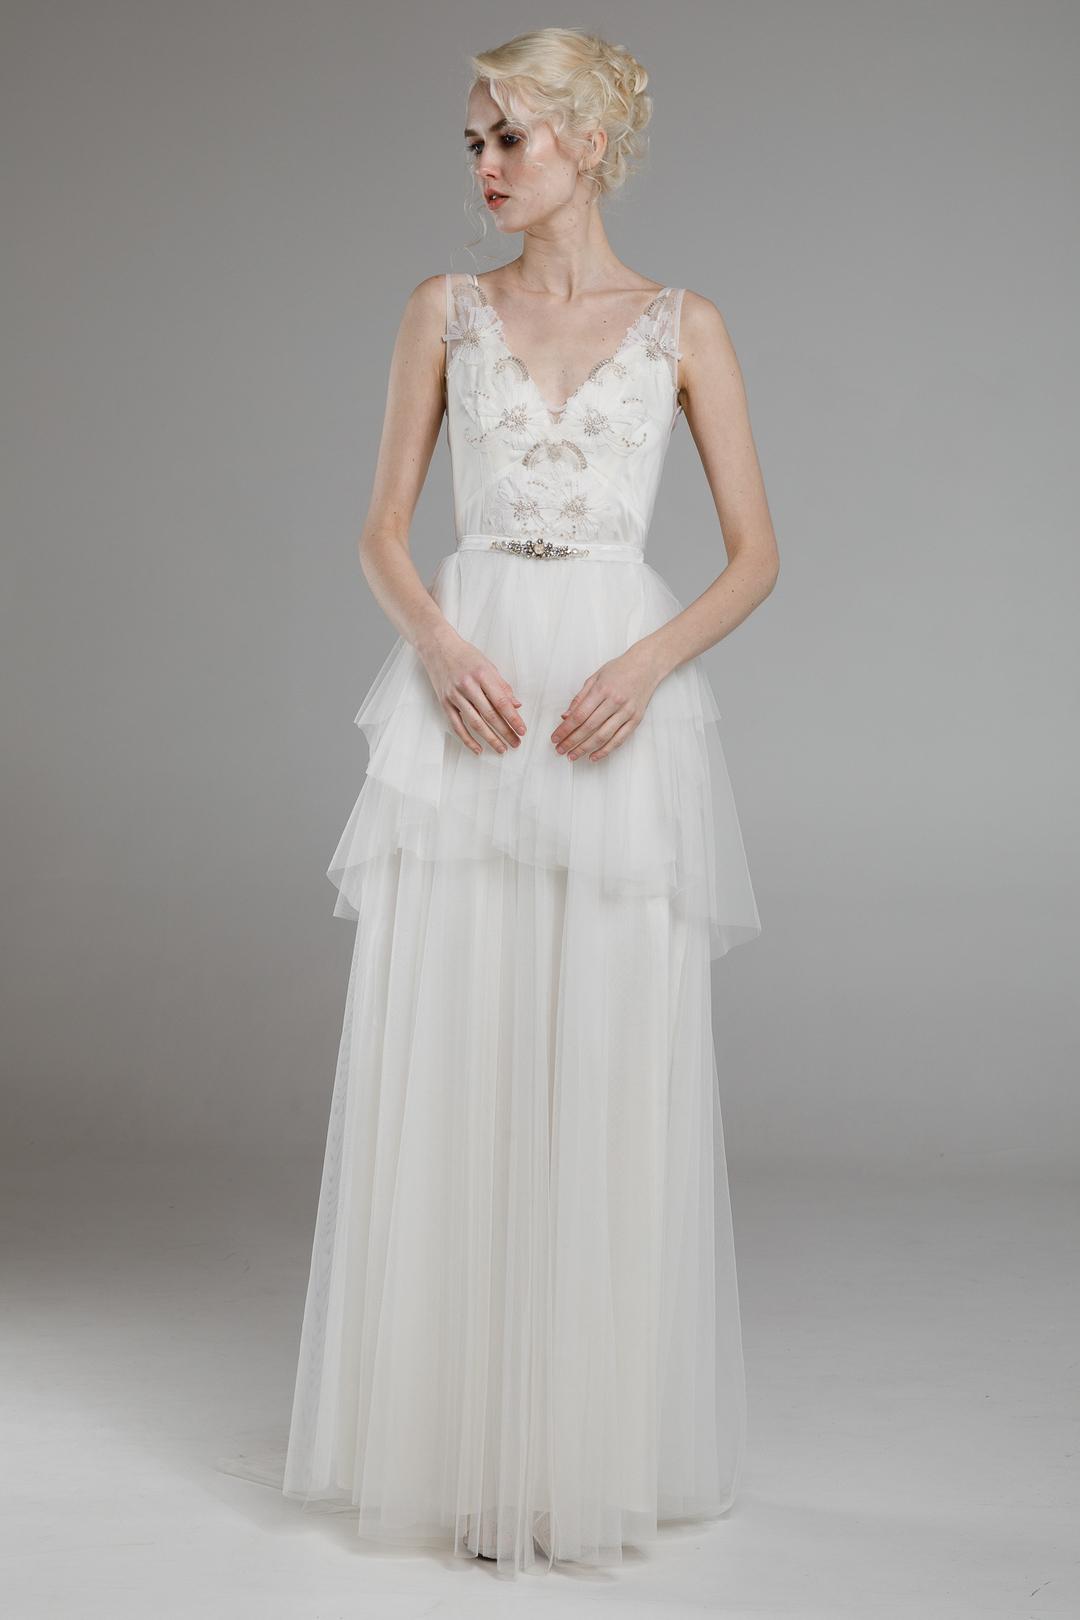 lyra dress photo